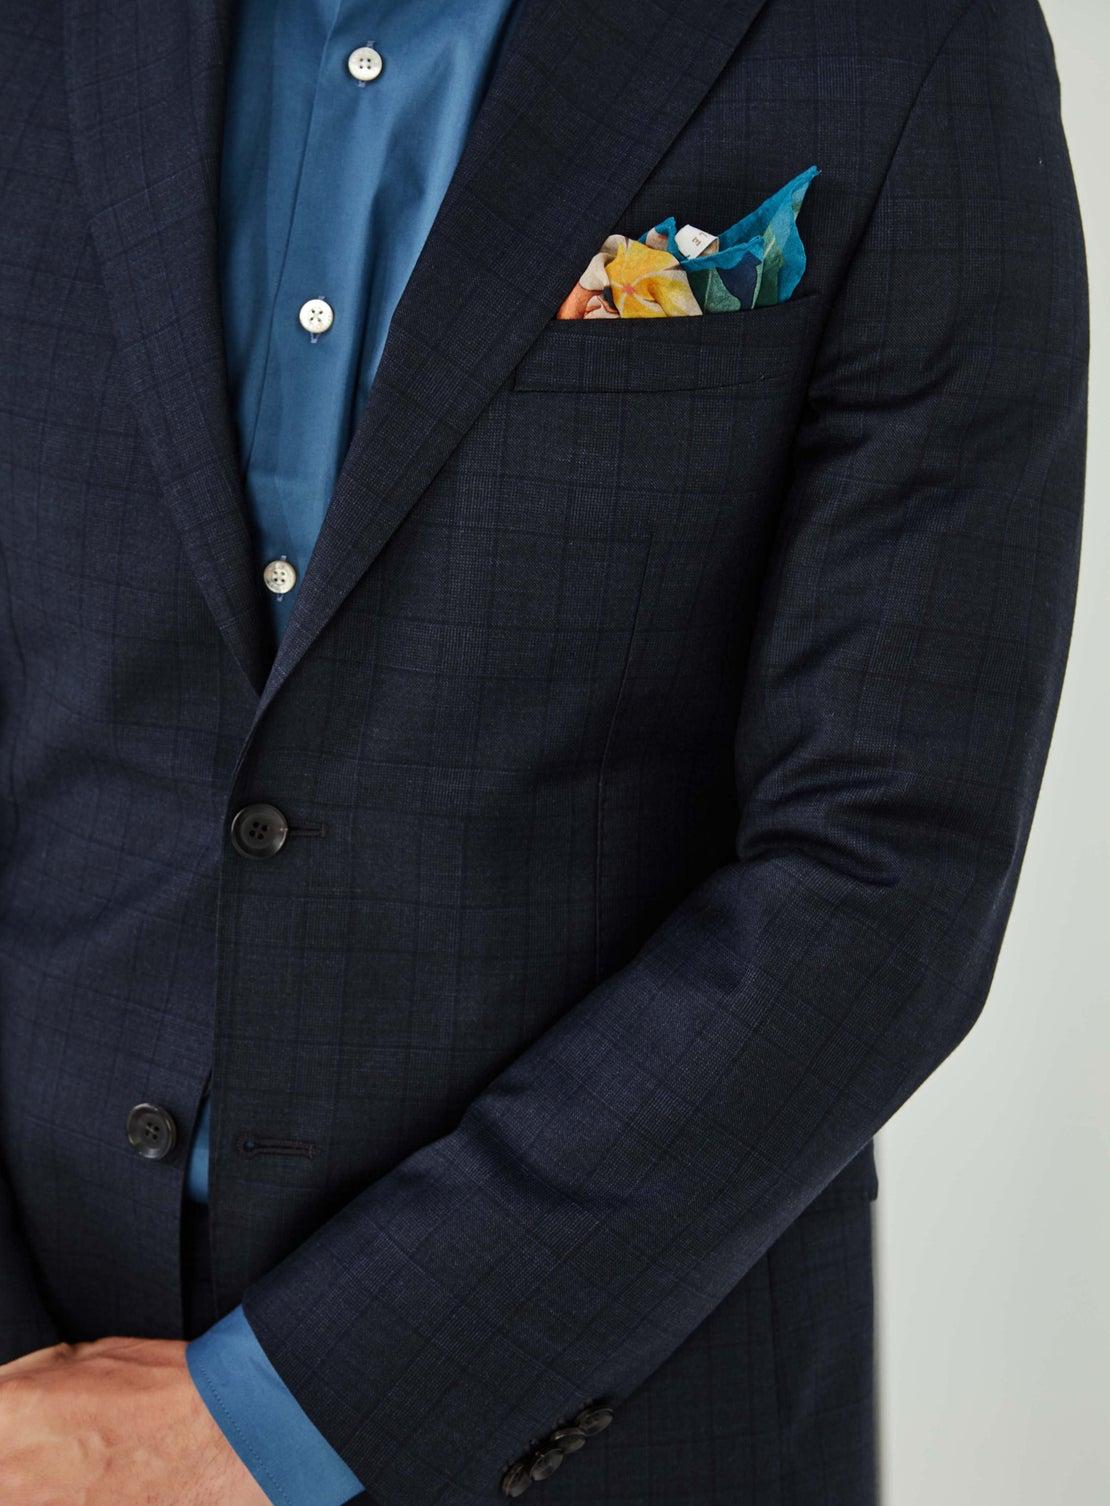 Arthur POW Check Suit